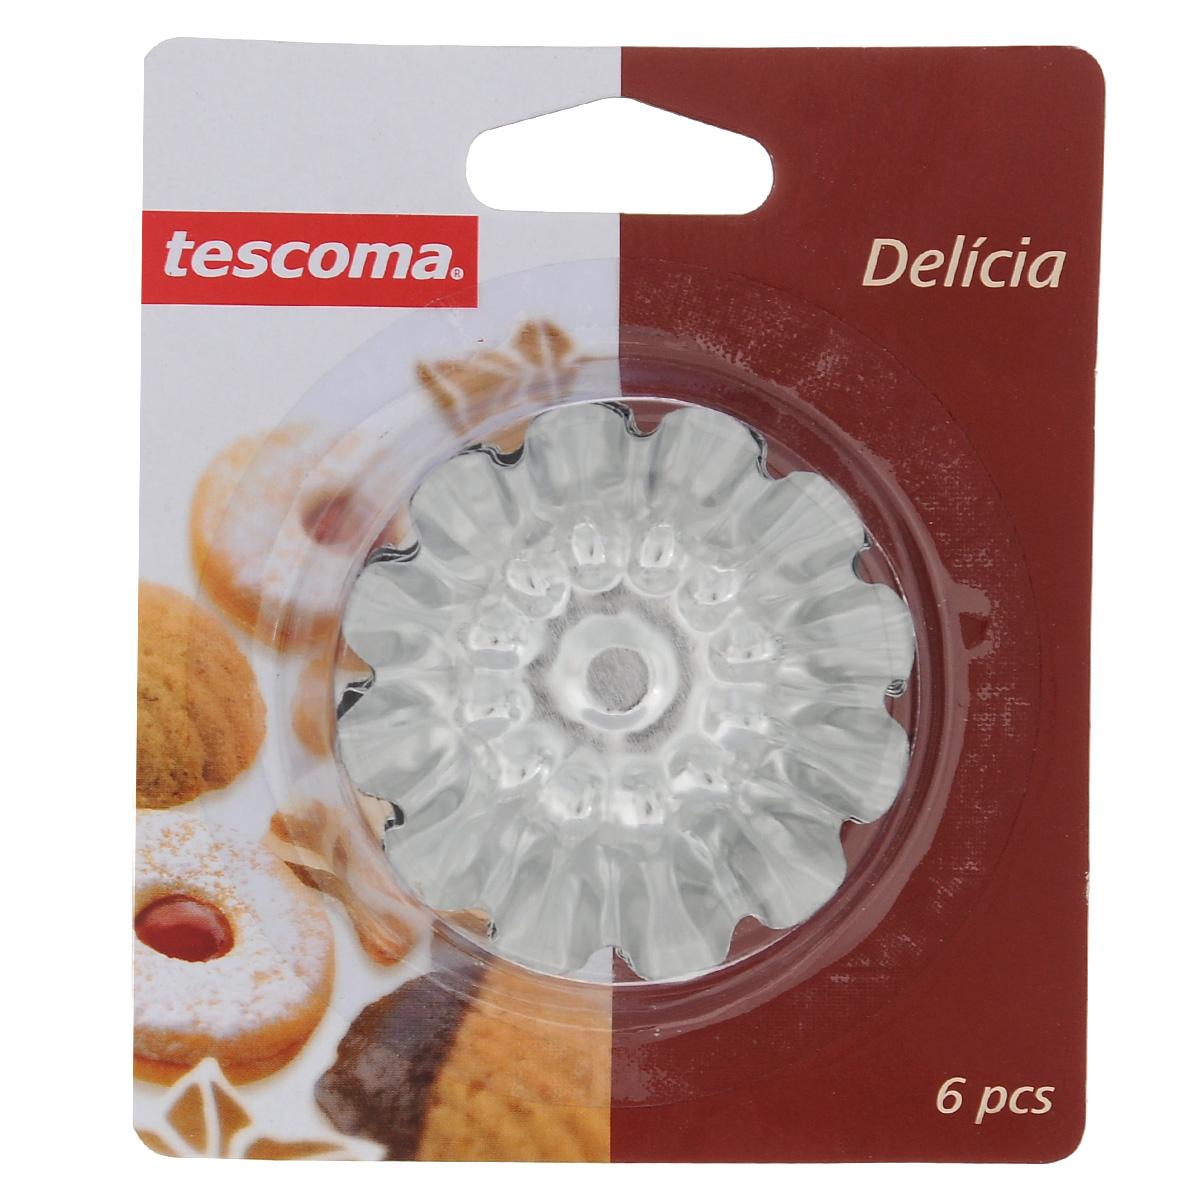 Набор форм для выпечки Tescoma Delicia, с антипригарным покрытием, диаметр 7 см, 6 шт68/5/3Набор Tescoma Delicia состоит из 6 круглых форм с волнистыми рельефными краями для выпечки кексов. Изделия выполнены из нержавеющей стали с антипригарным покрытием, которое предотвращает прилипание пищи. Это позволит легко извлечь выпечку из формы, просто перевернув ее. Формы замечательно подходят для приготовления кексов, сладкого, соленого печенья и других десертов. После использования вымойте и вытрите формы.Нельзя использовать в посудомоечной машине.Диаметр по верхнему краю: 7 см.